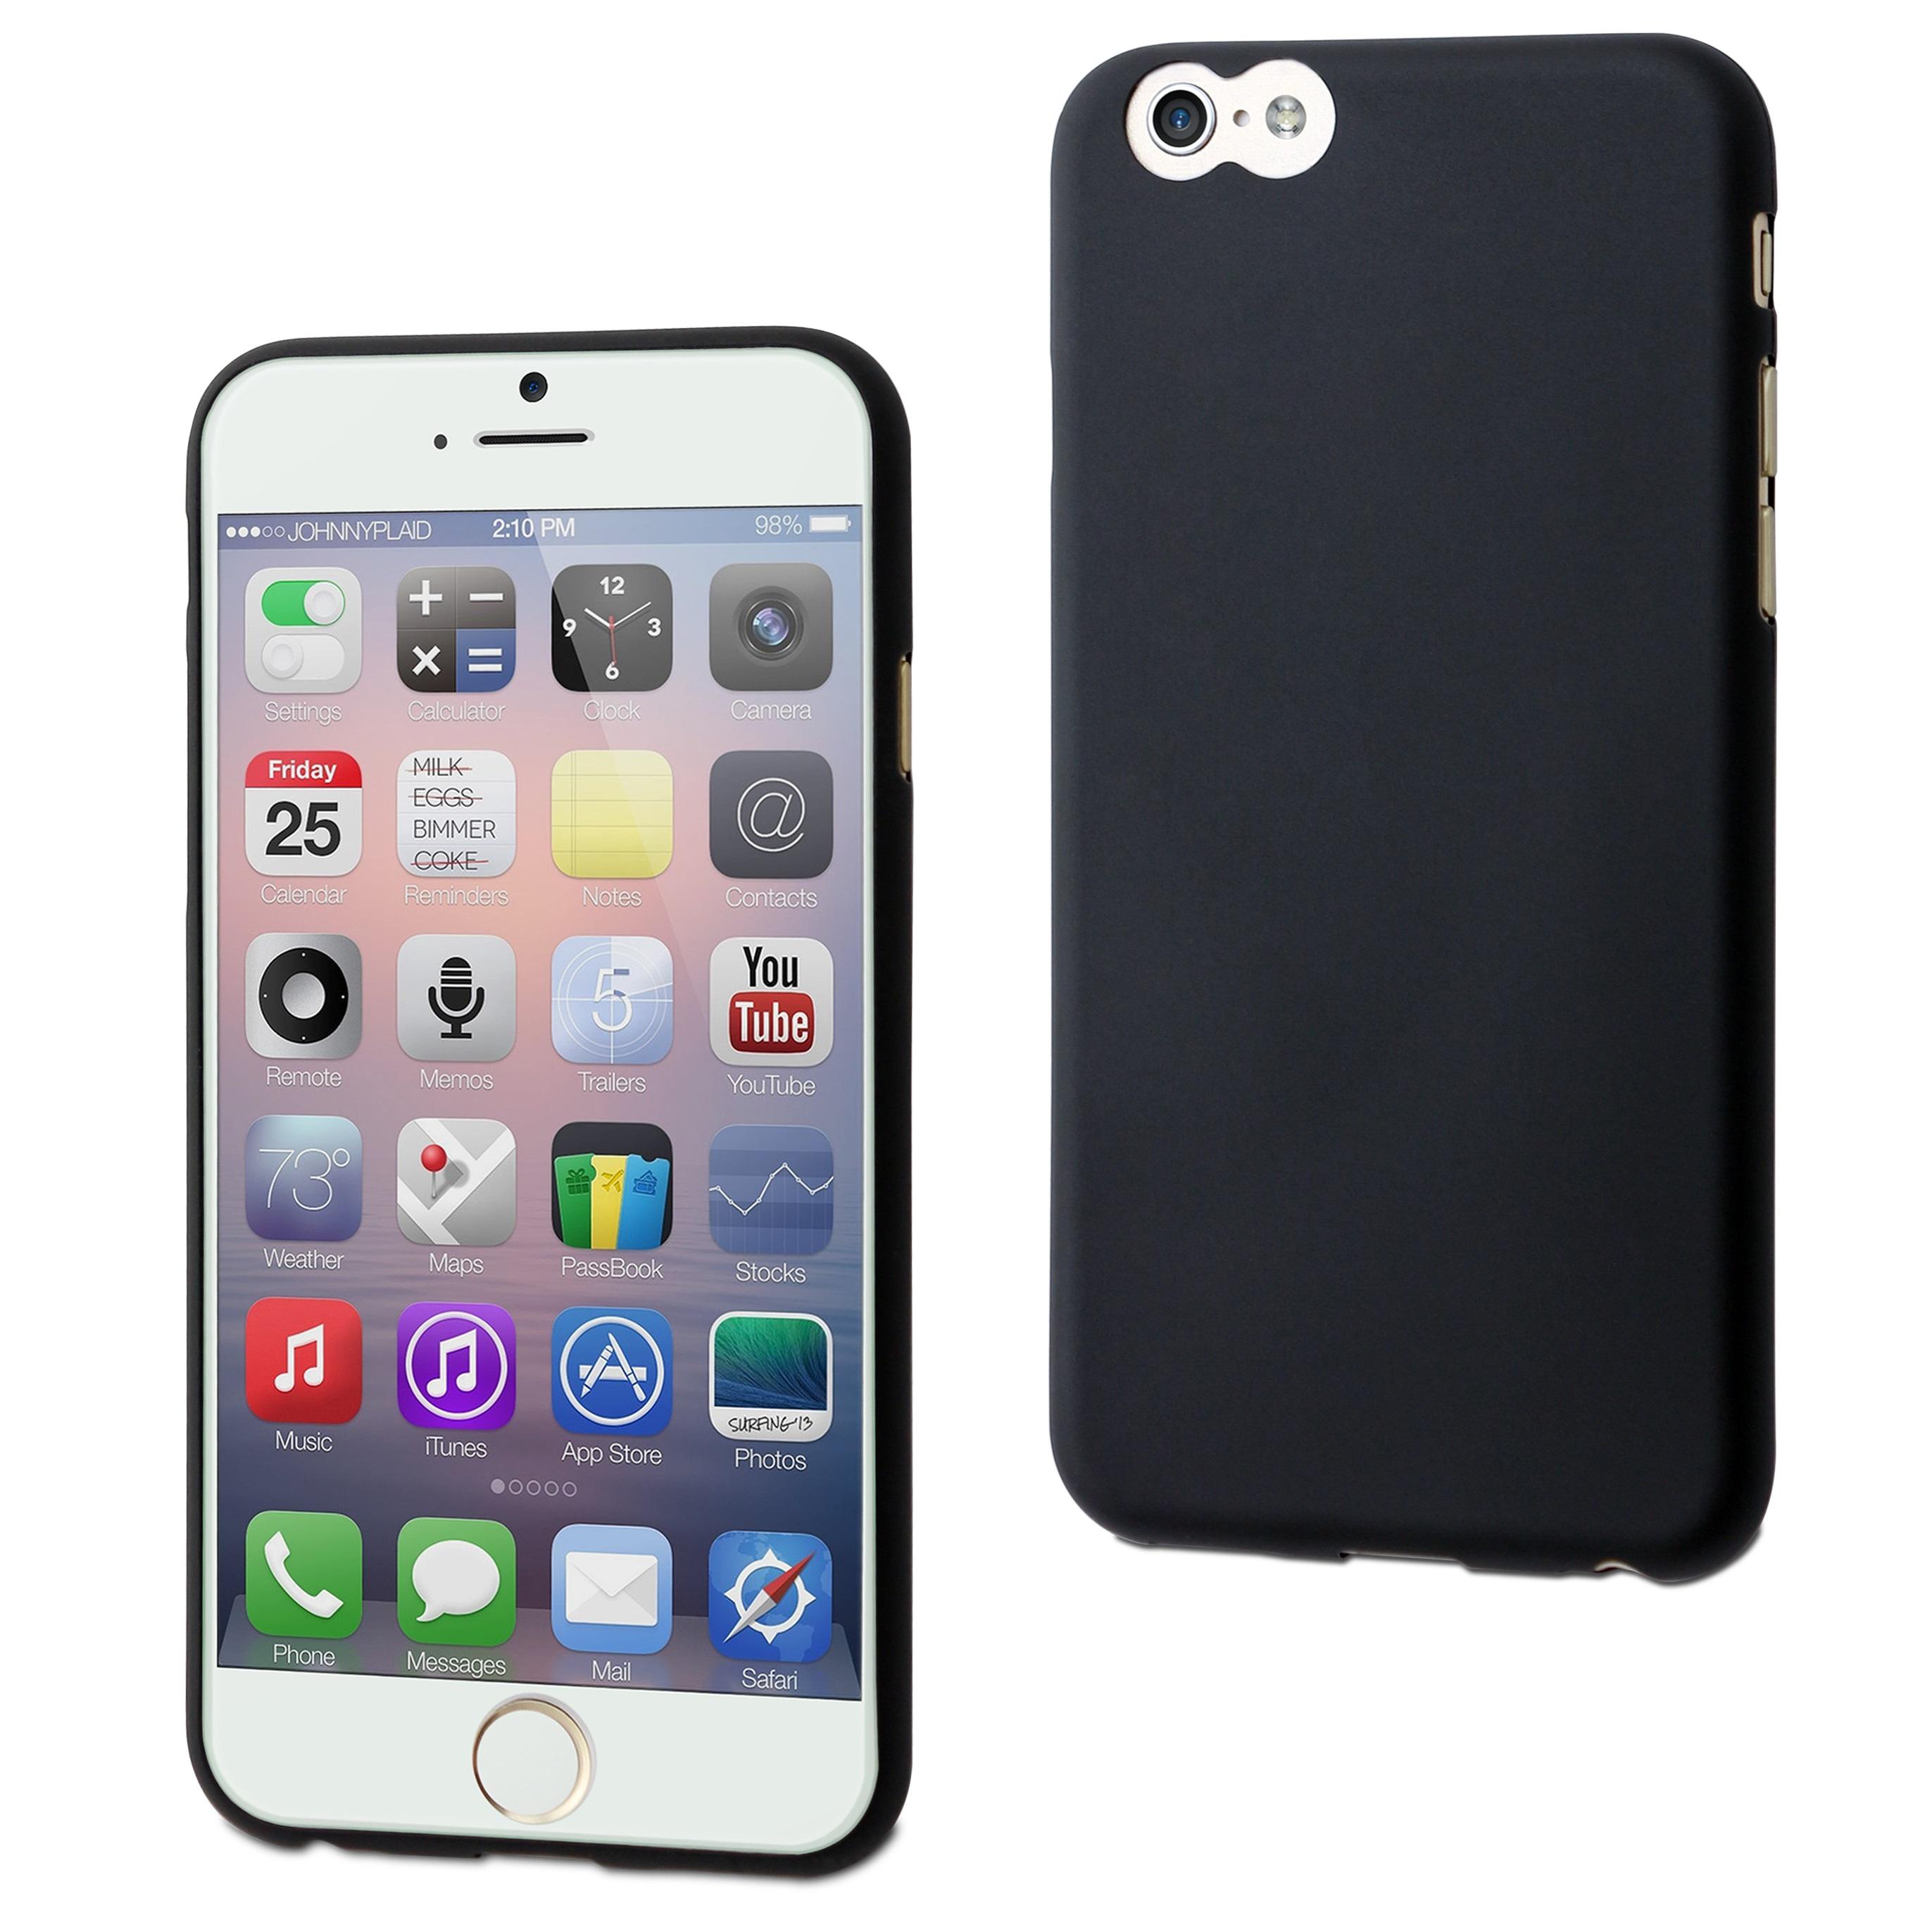 coque thingel noire iphone 6 6s plus muvit 3663111007824 aude telecom narbonne votre. Black Bedroom Furniture Sets. Home Design Ideas